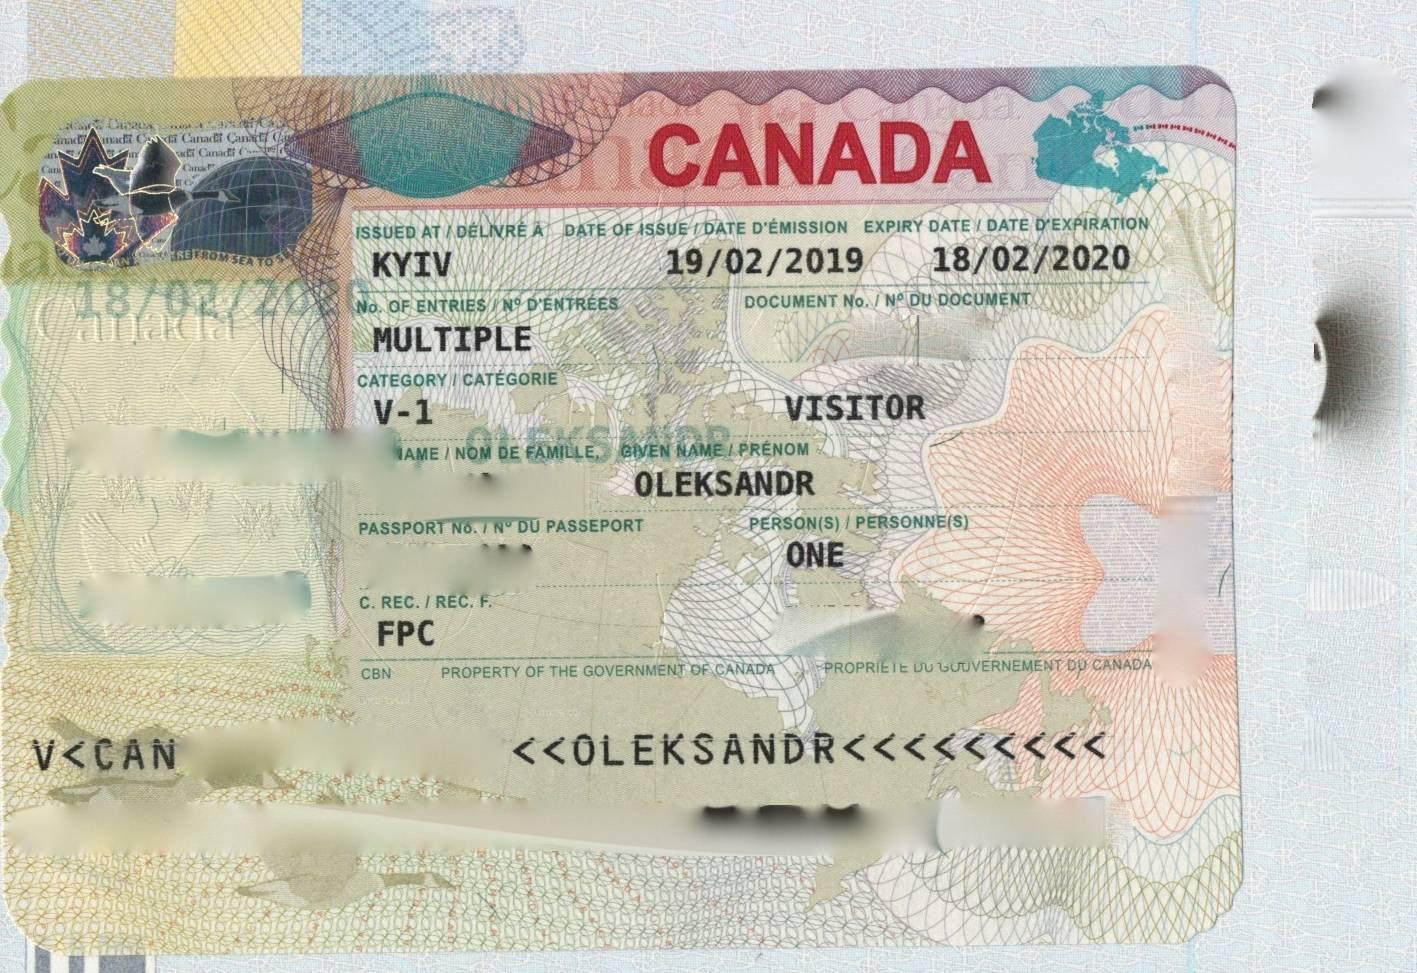 Виза в канаду для россиян, пошаговая инструкция оформления канадской визы самостоятельно в 2021 году